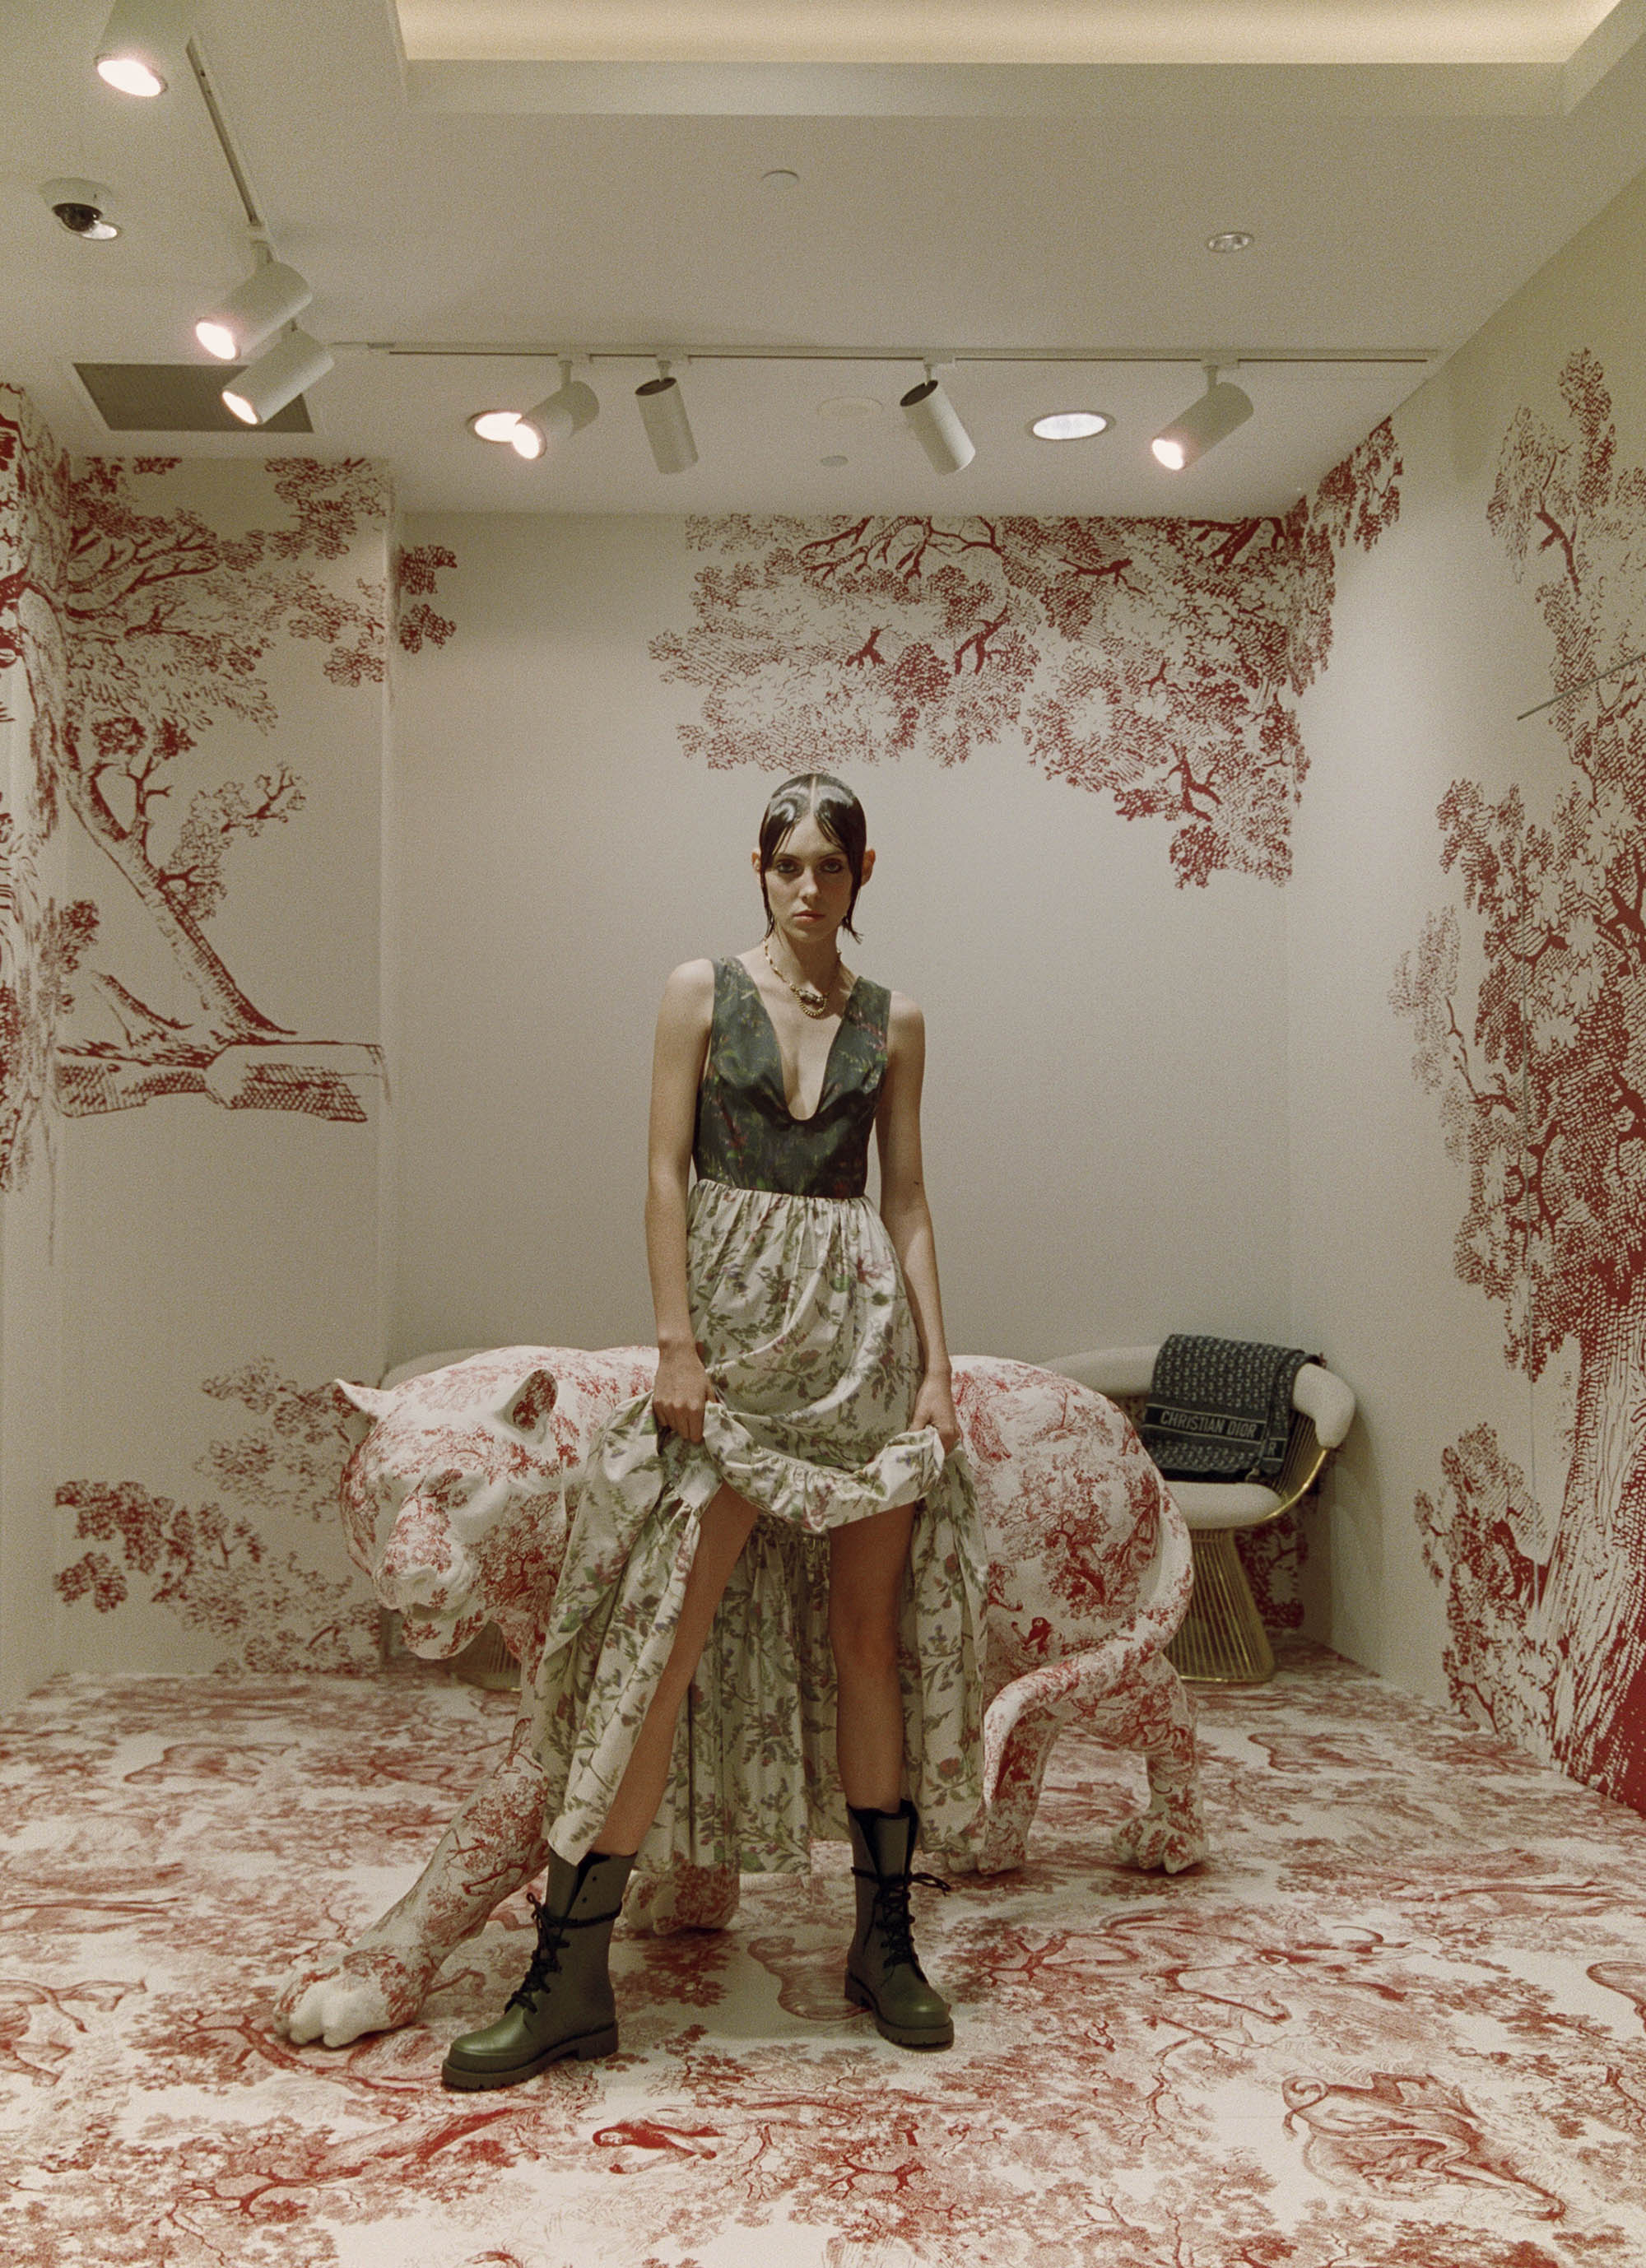 DAPHNENGUYEN-Dior x Matilda final-181214000246130010.jpg